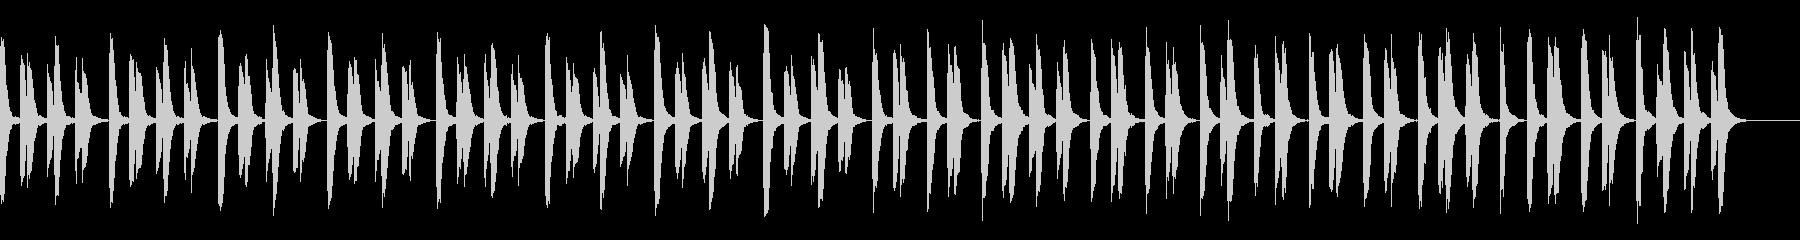 知育・料理・パズル・日常ピアノ30Aの未再生の波形